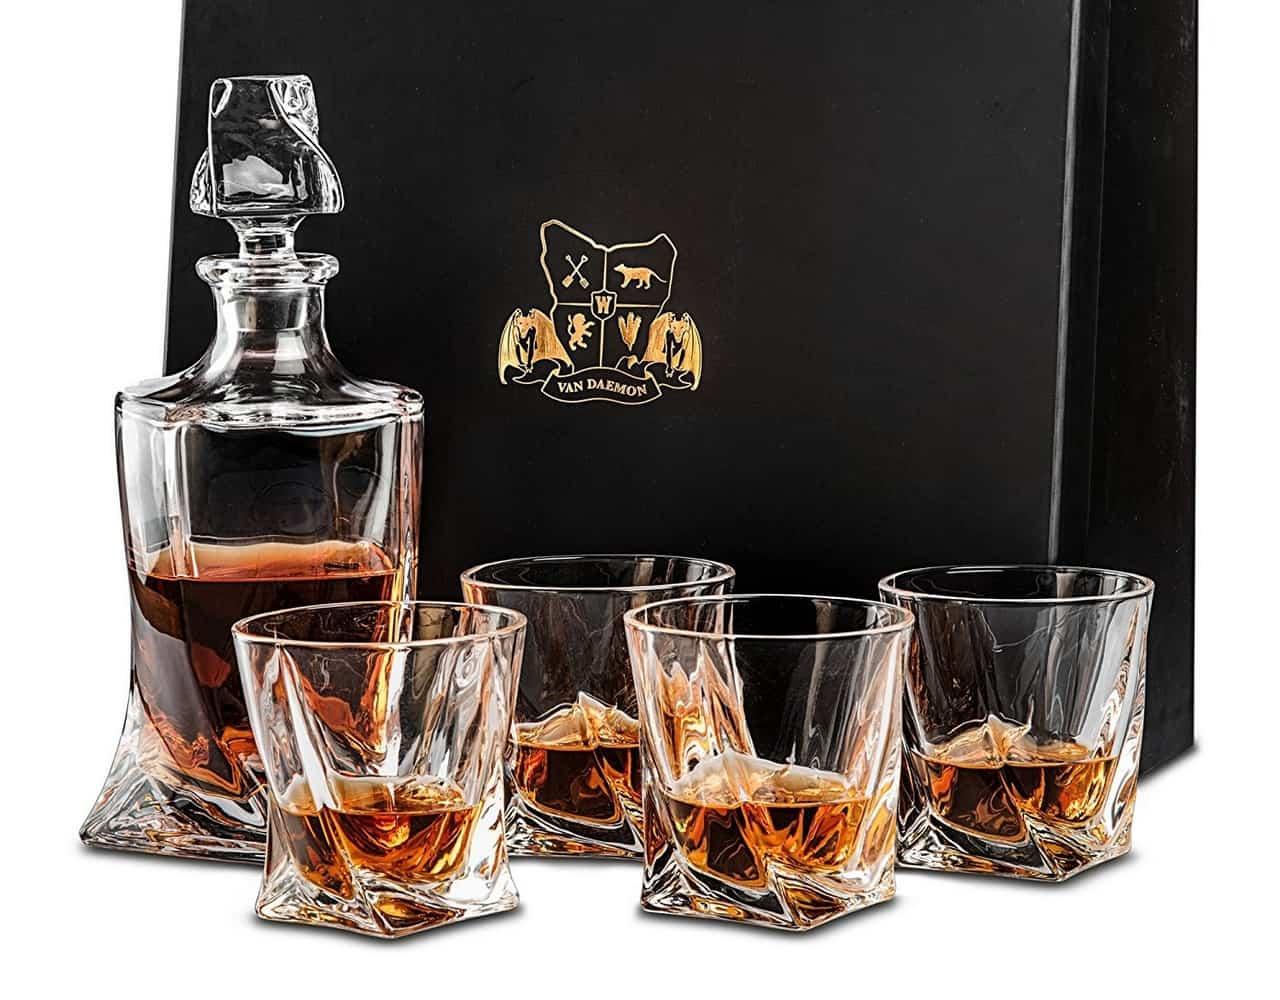 Van Daemon Twist Whisky Glasses